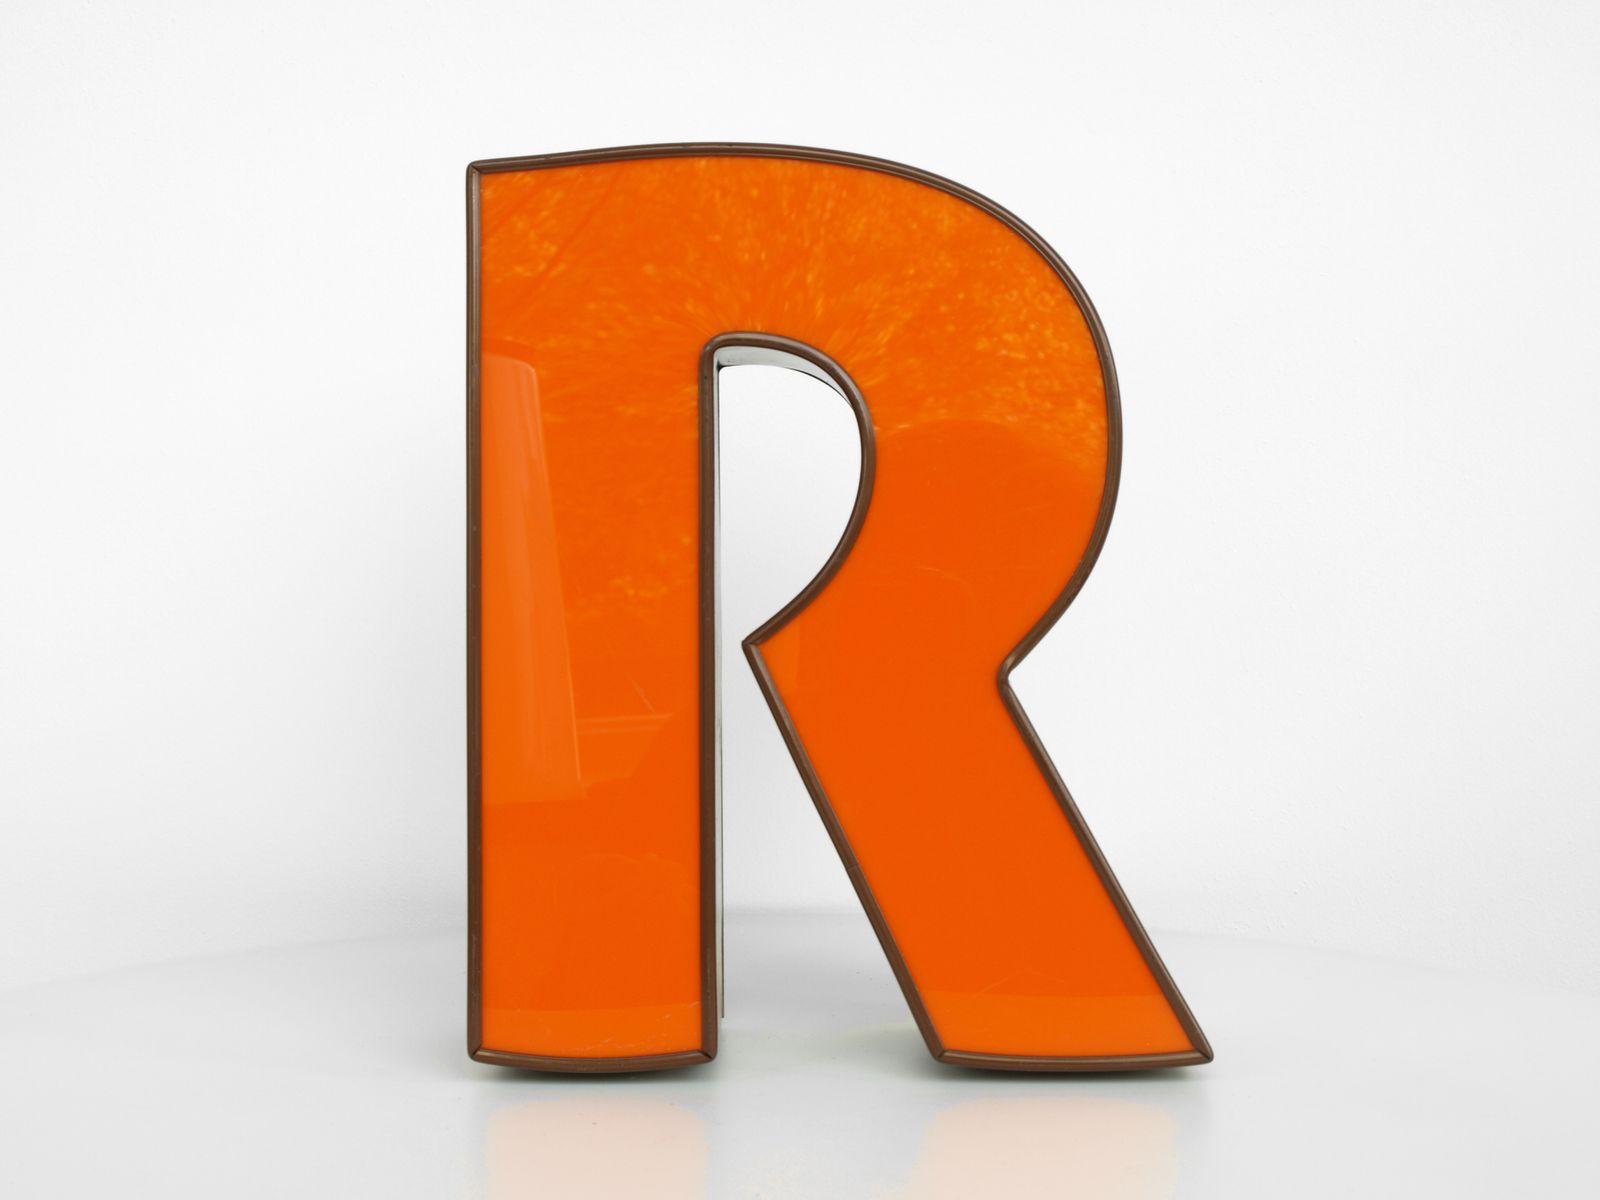 Vintage Leuchtbuchstabe R In Orange Braun Bei Pamono Kaufen